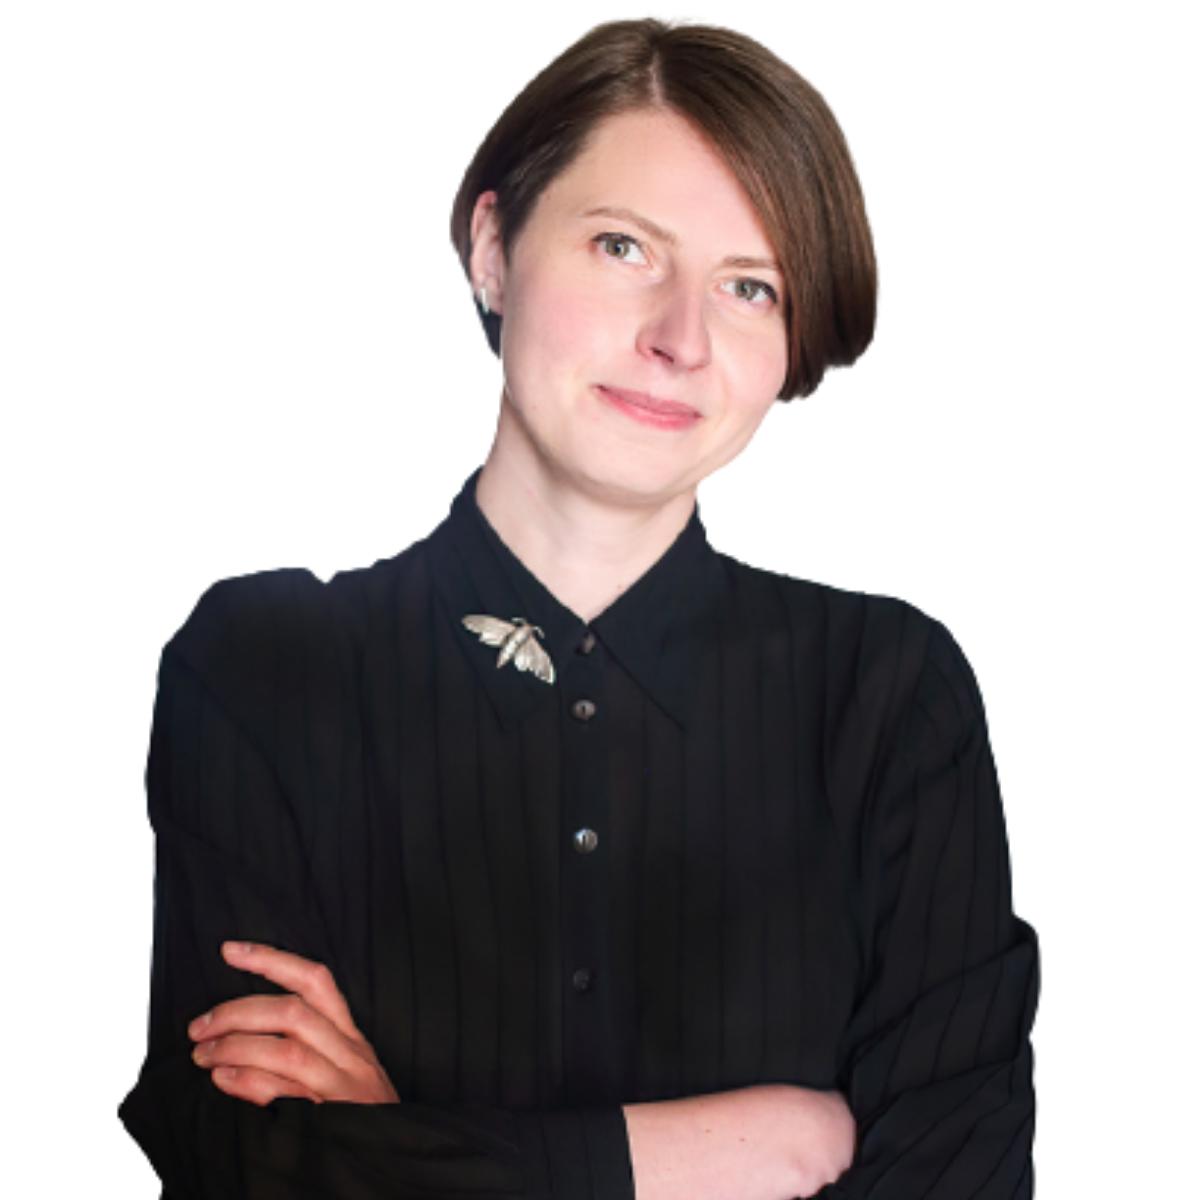 Ewa Jańczak